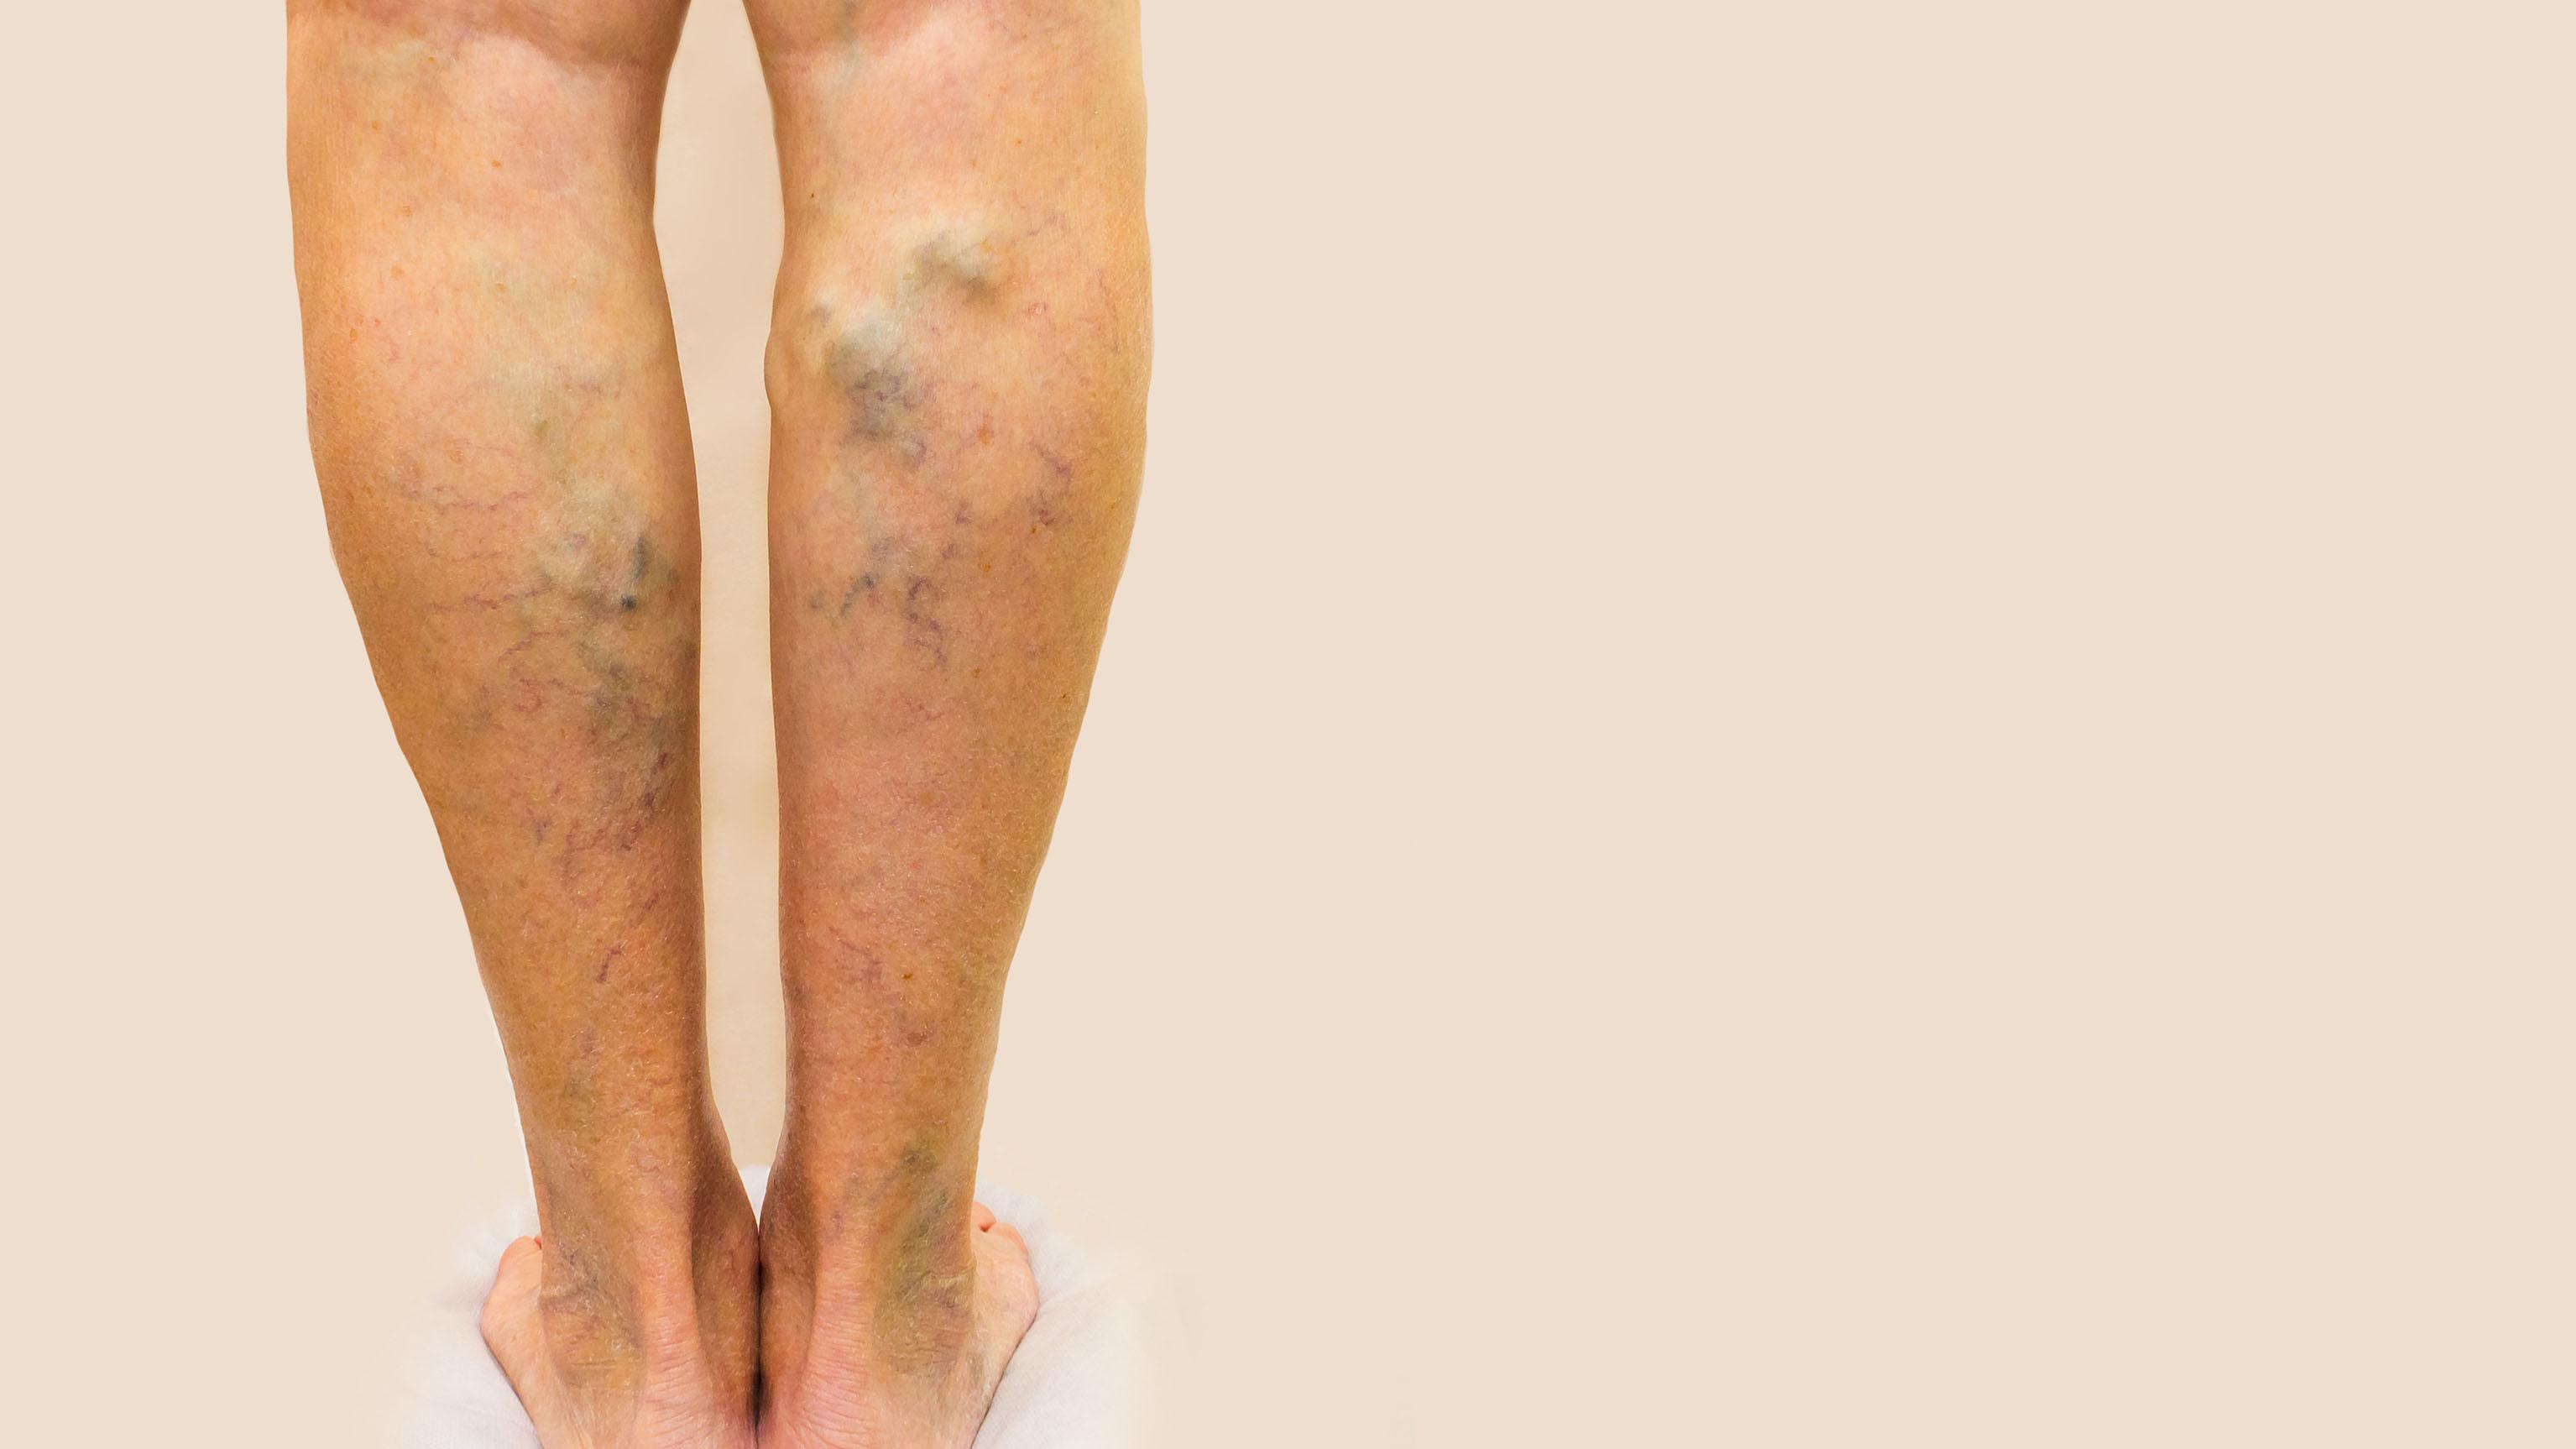 lo que hace que las venas exploten en las piernas